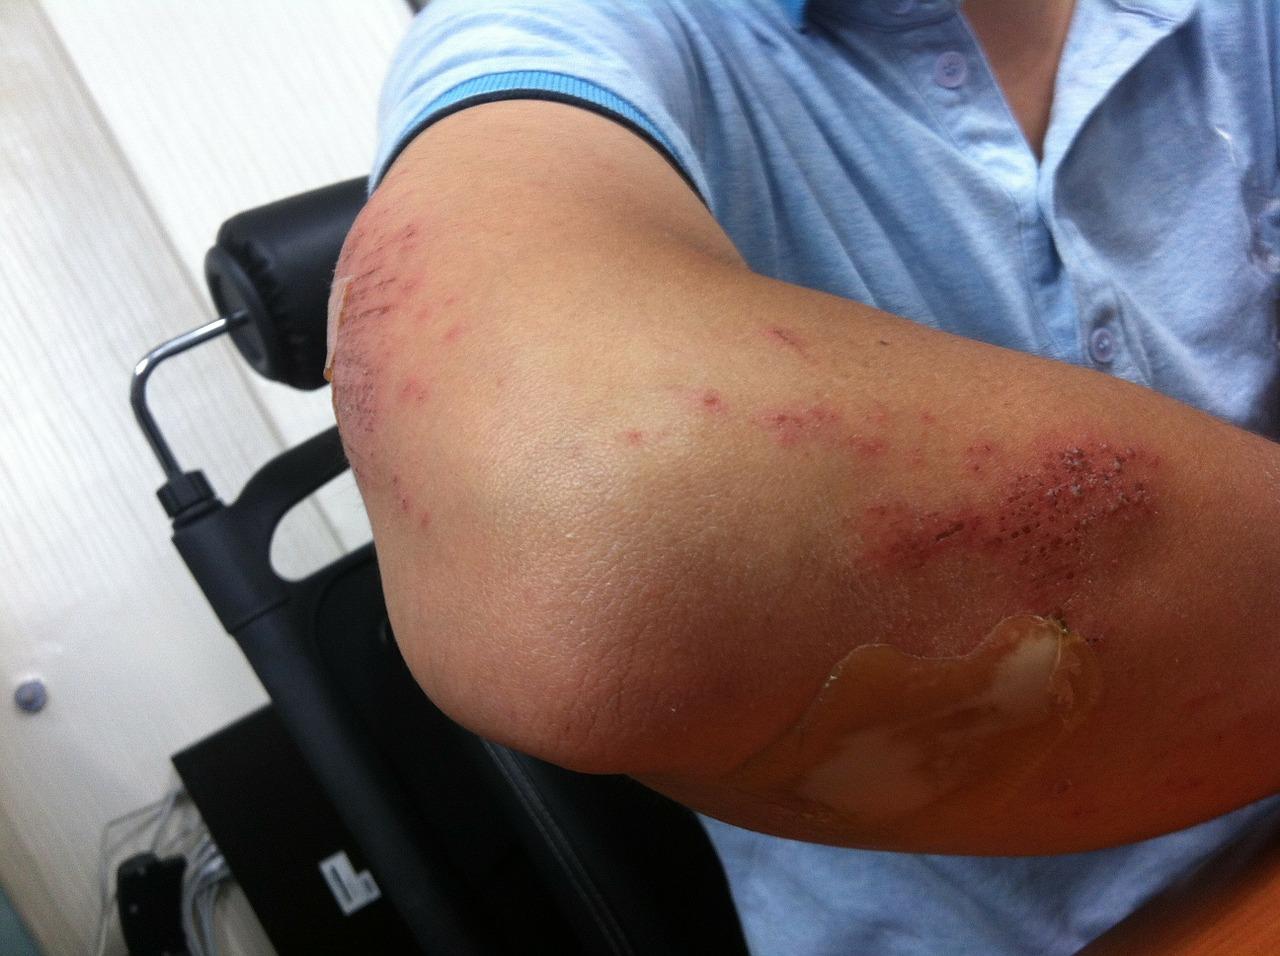 Un vendaje inteligente que detecta posibles infecciones de las heridas